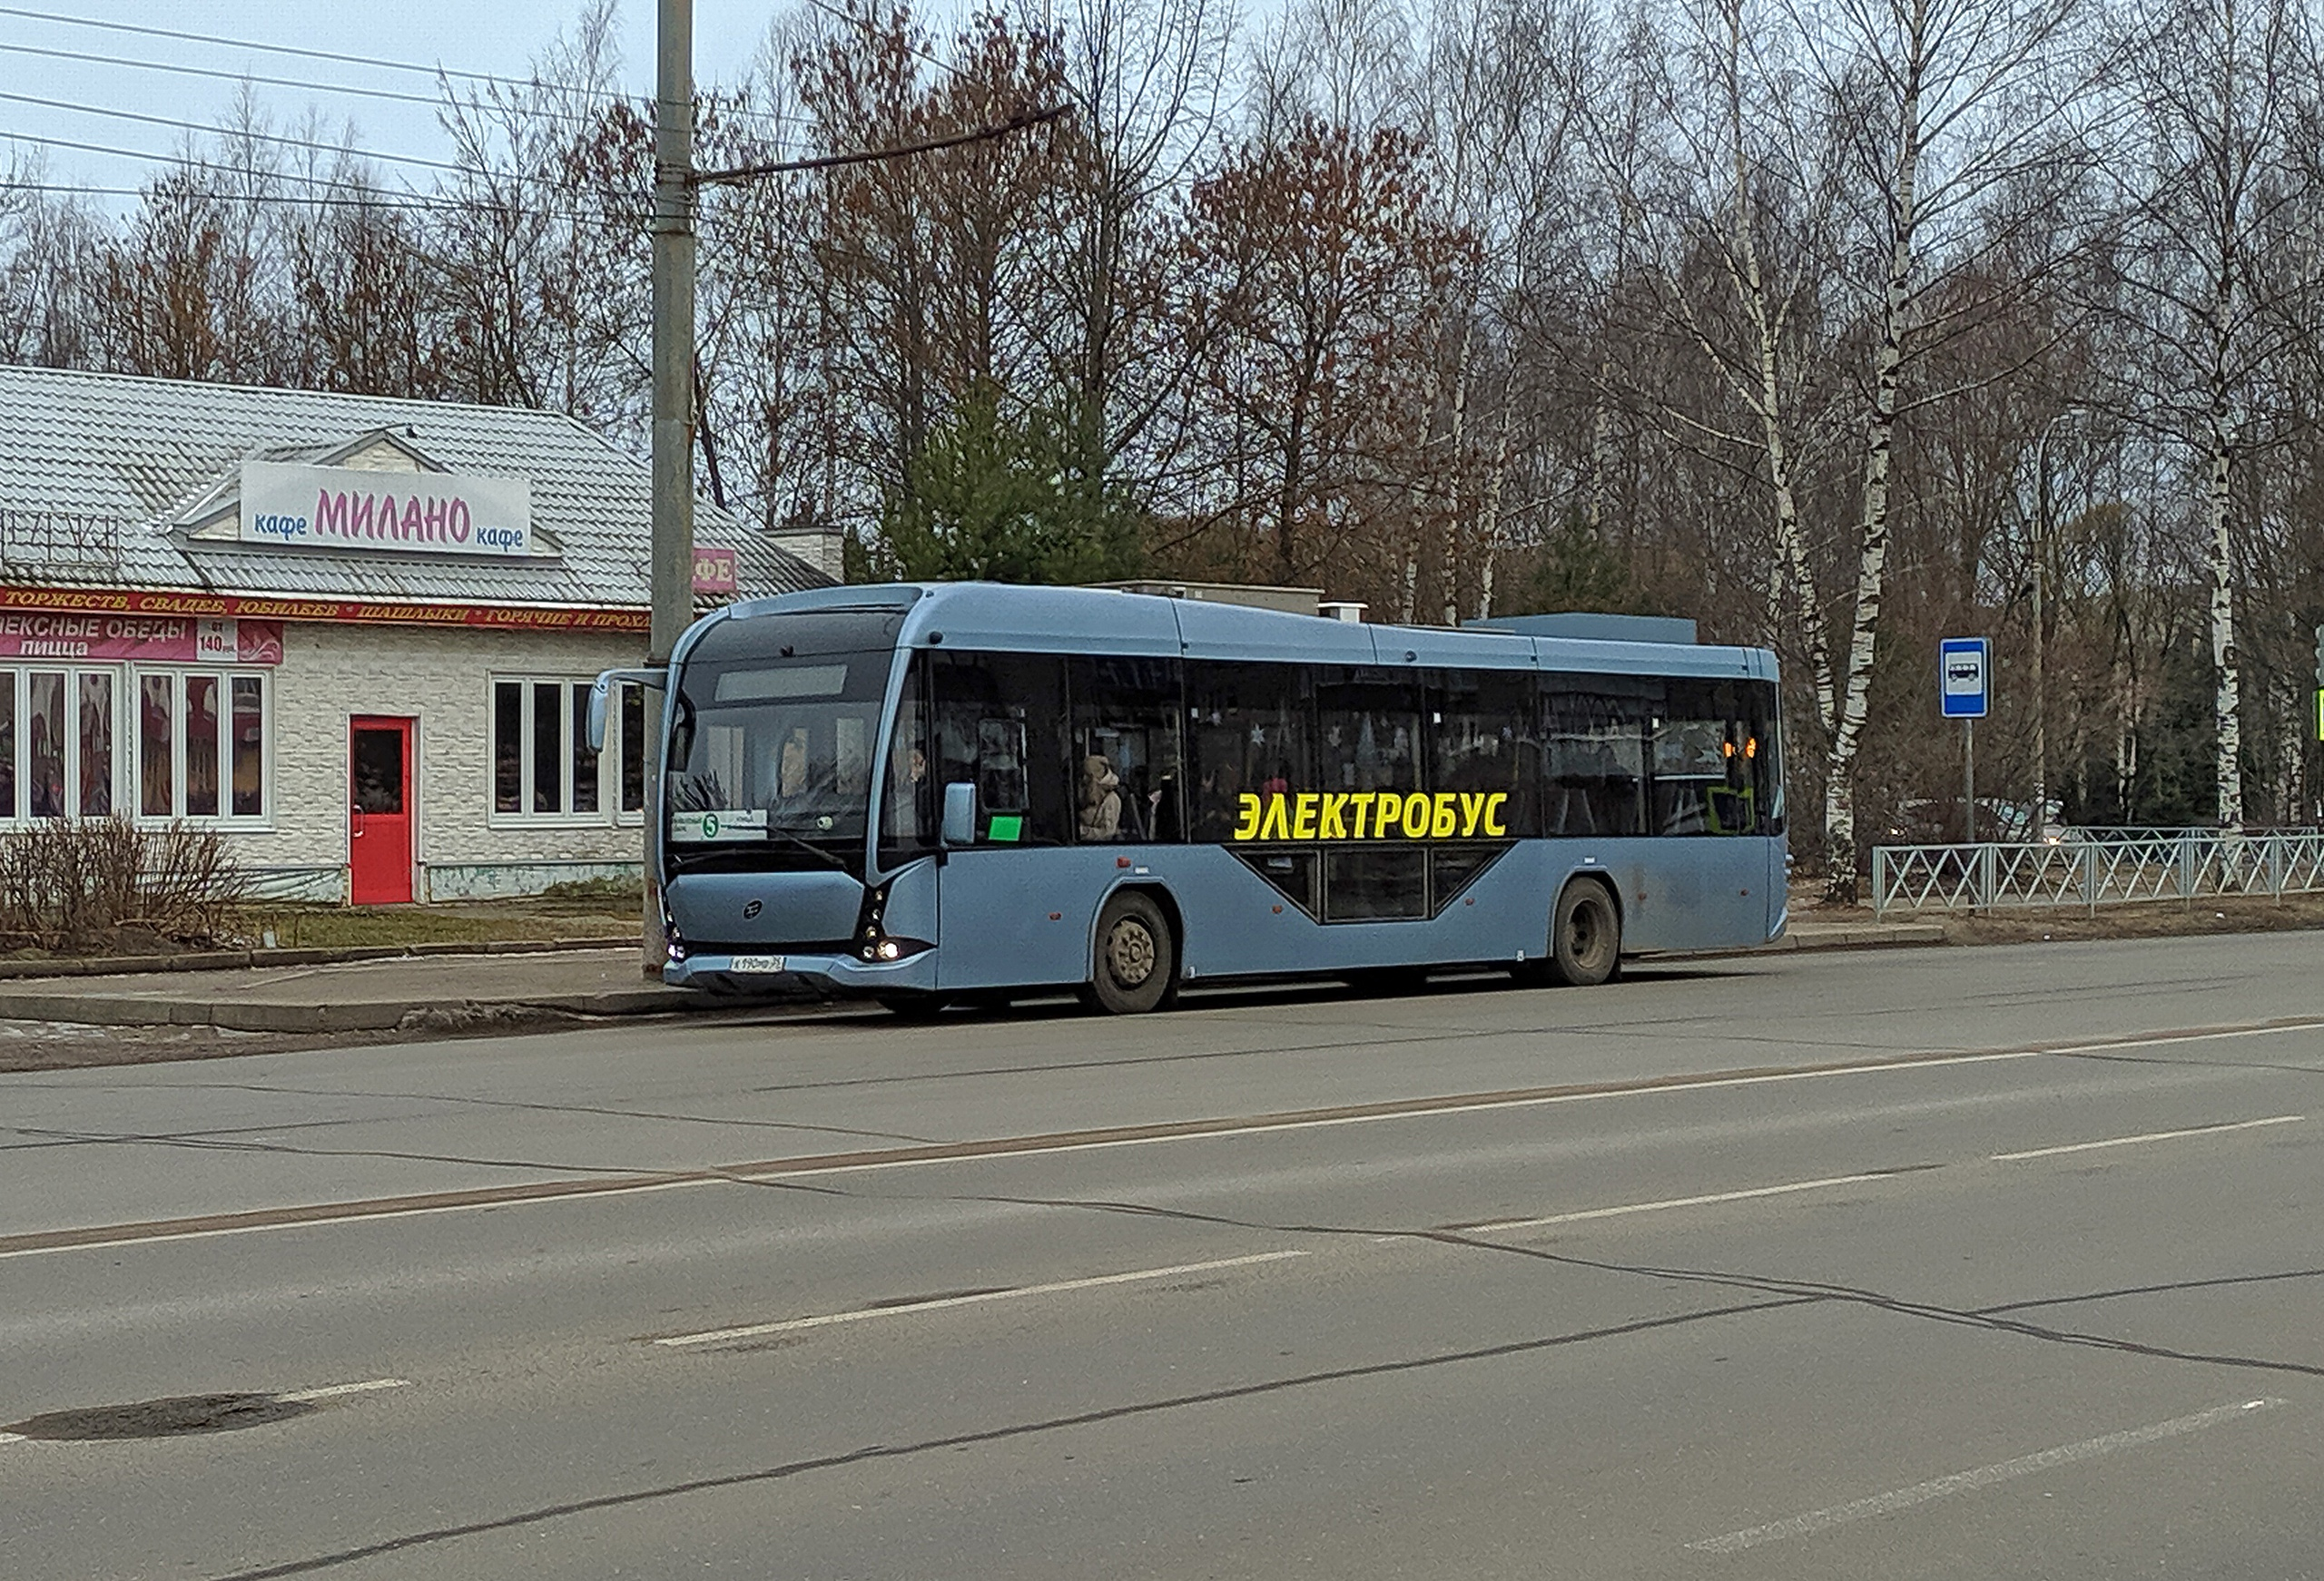 Электробус №5